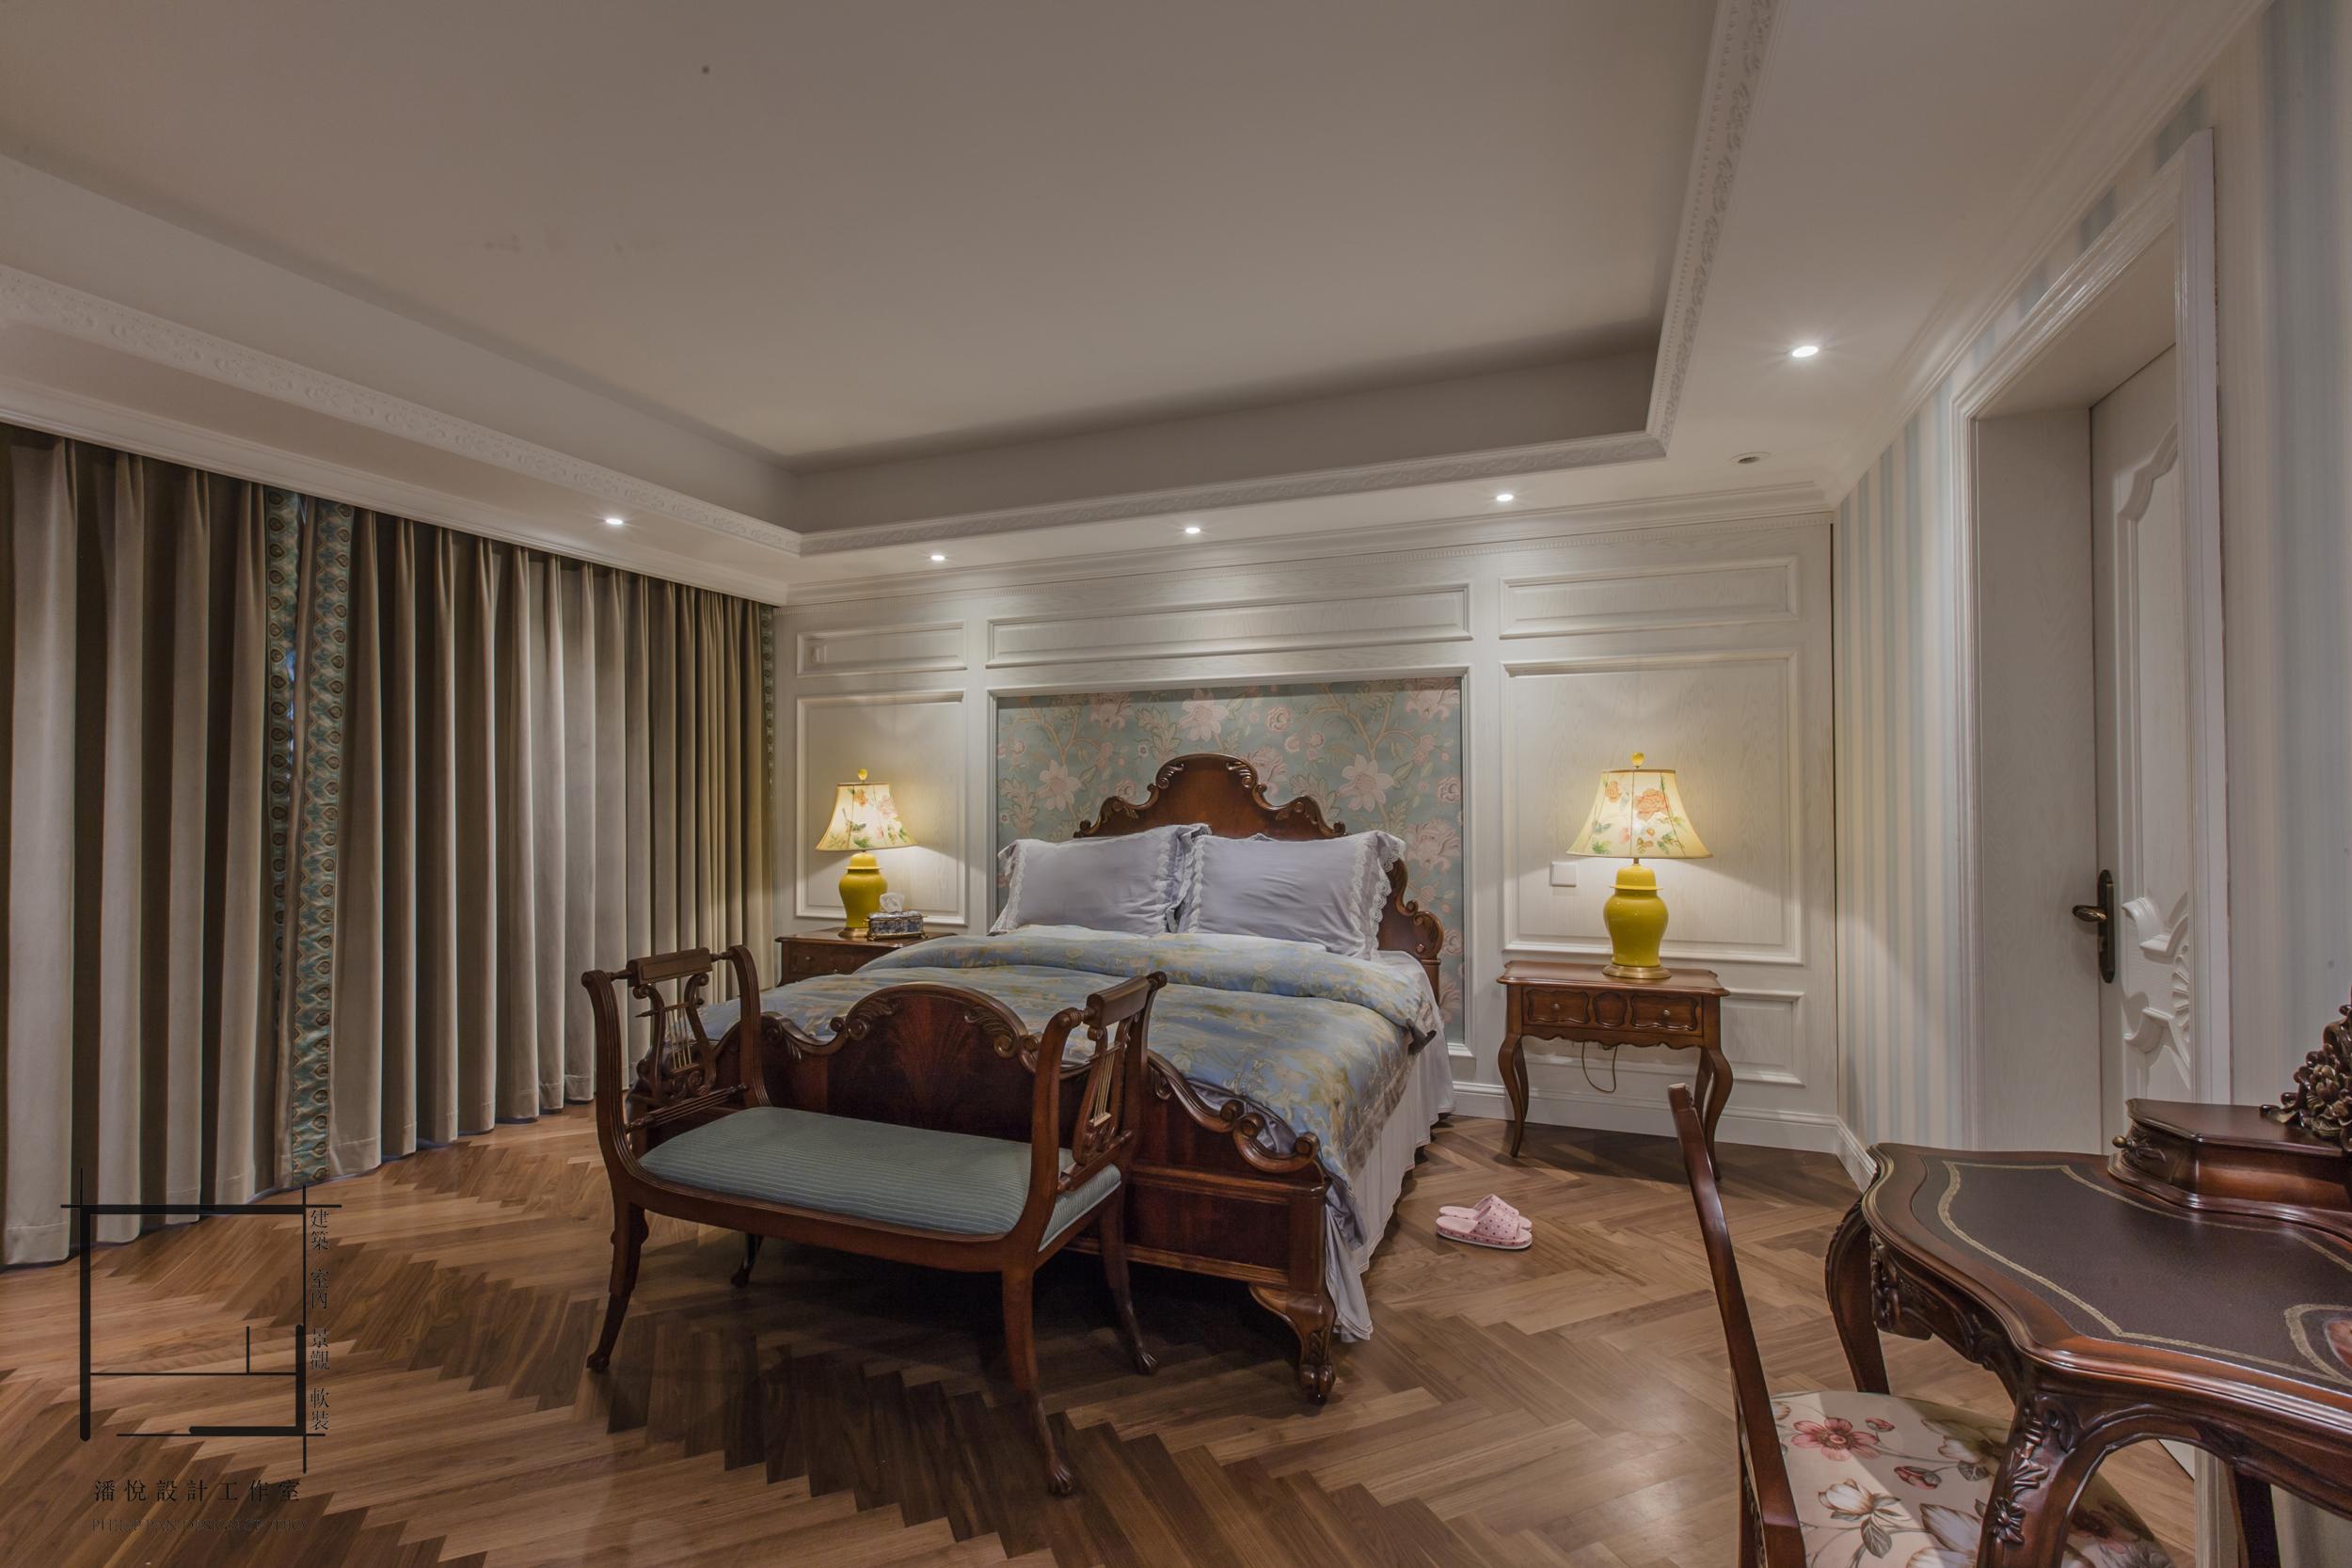 浪漫523平混搭别墅卧室设计效果图卧室窗帘潮流混搭卧室设计图片赏析